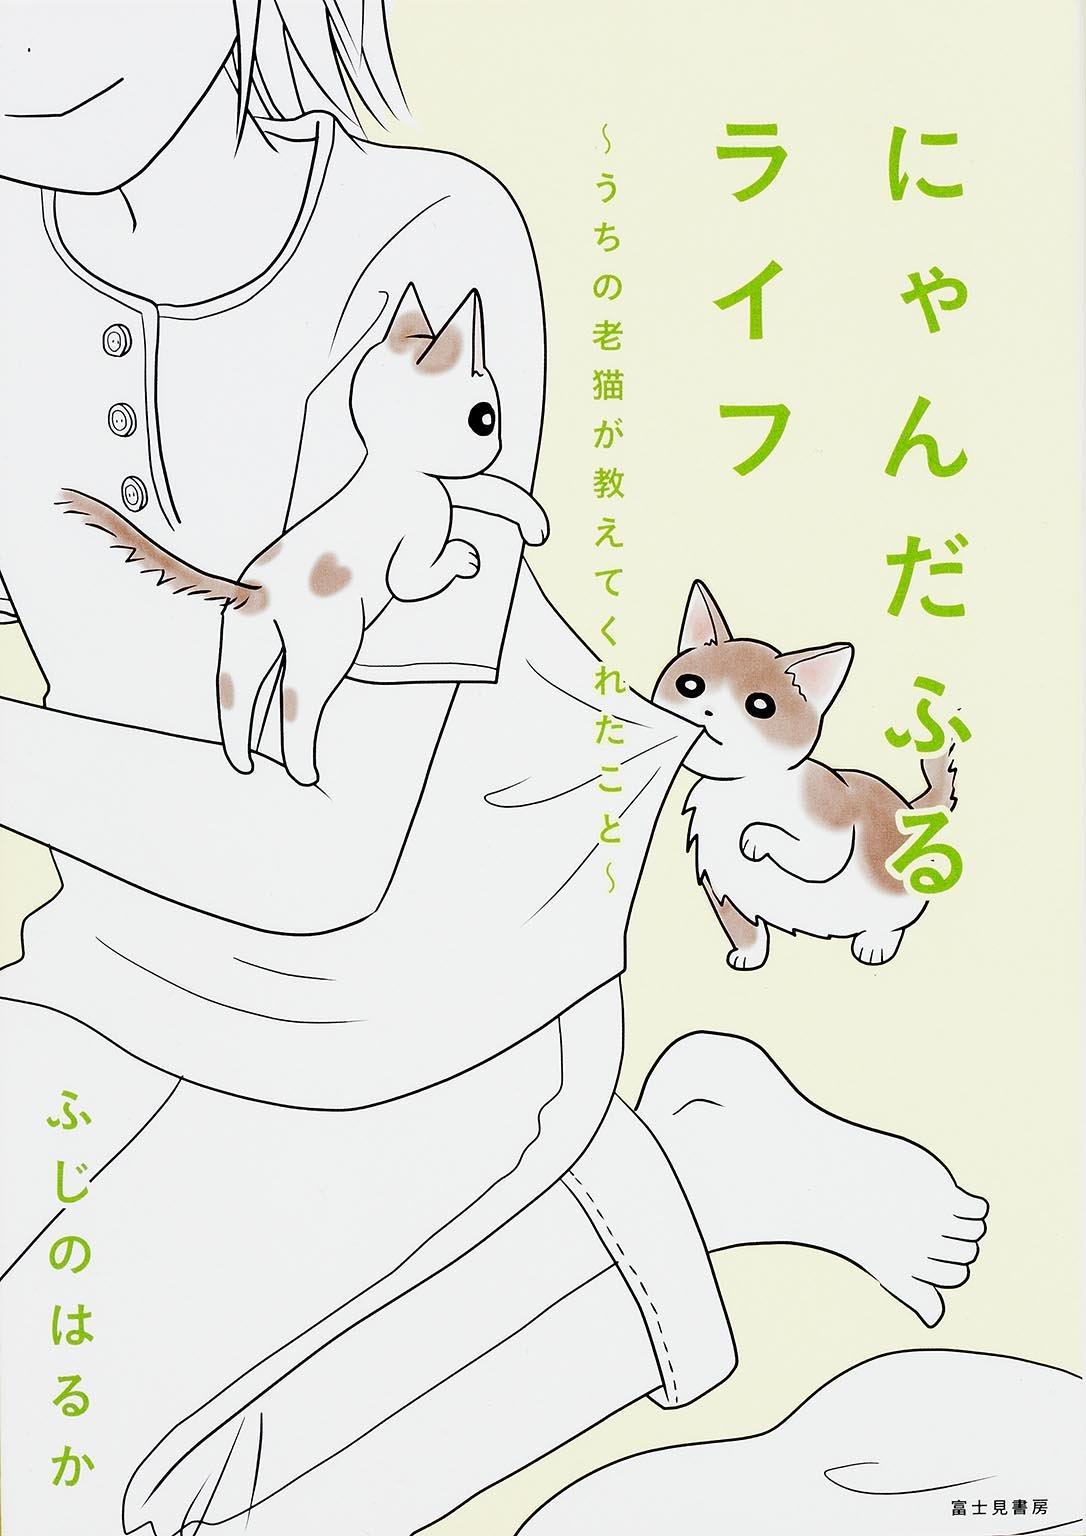 にゃんだふるライフ ~うちの老猫が教えてくれたこと~